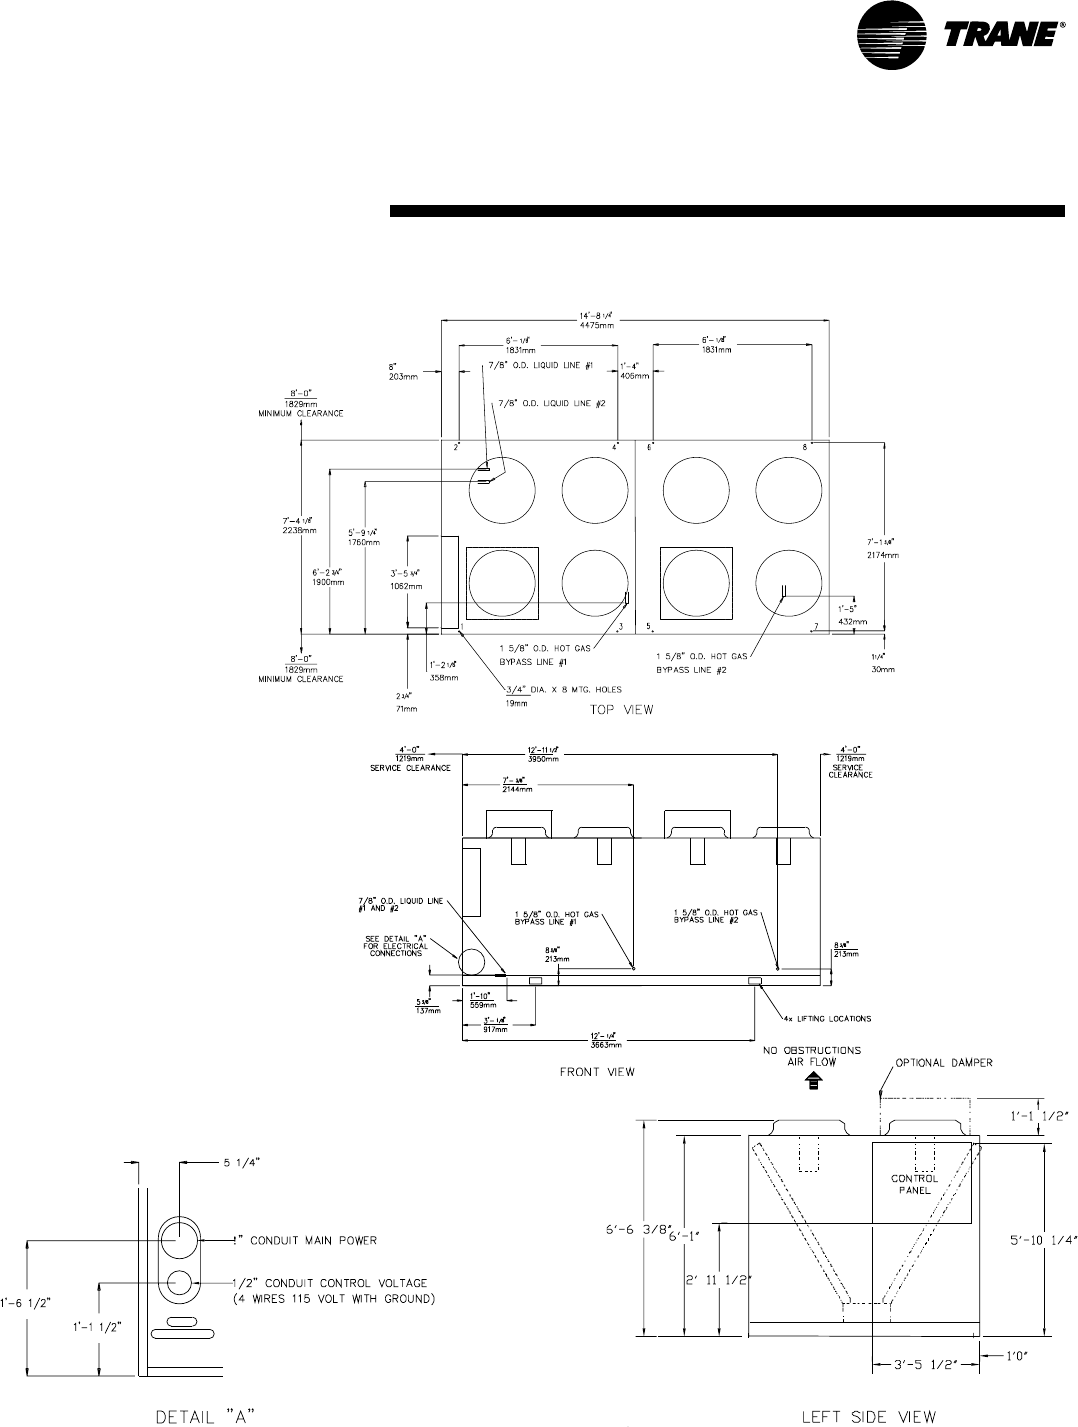 trane gpnd wiring diagram database Trane Centrifugal Chiller Diagram trane pressor wiring diagram wiring diagram database